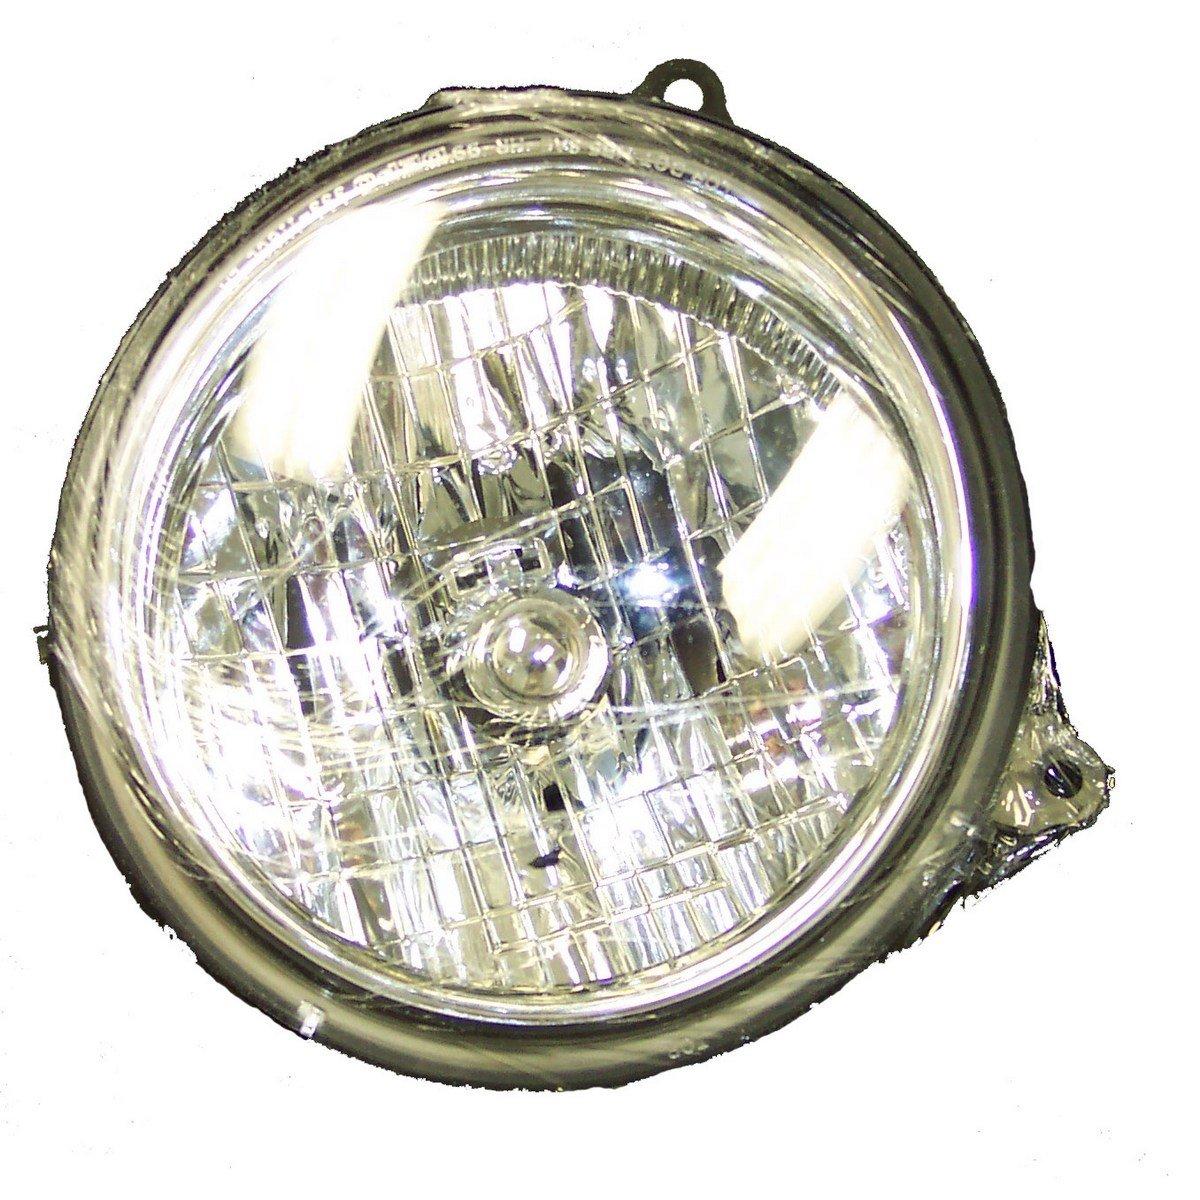 【驚きの値段】 Omix-ADA 12402.13左ヘッドライト、05-07ジープリバティKJ Omix-ADA B000FPXVHY B000FPXVHY, サクラ サーフ&スポーツ 江ノ島:c9740875 --- outdev.net